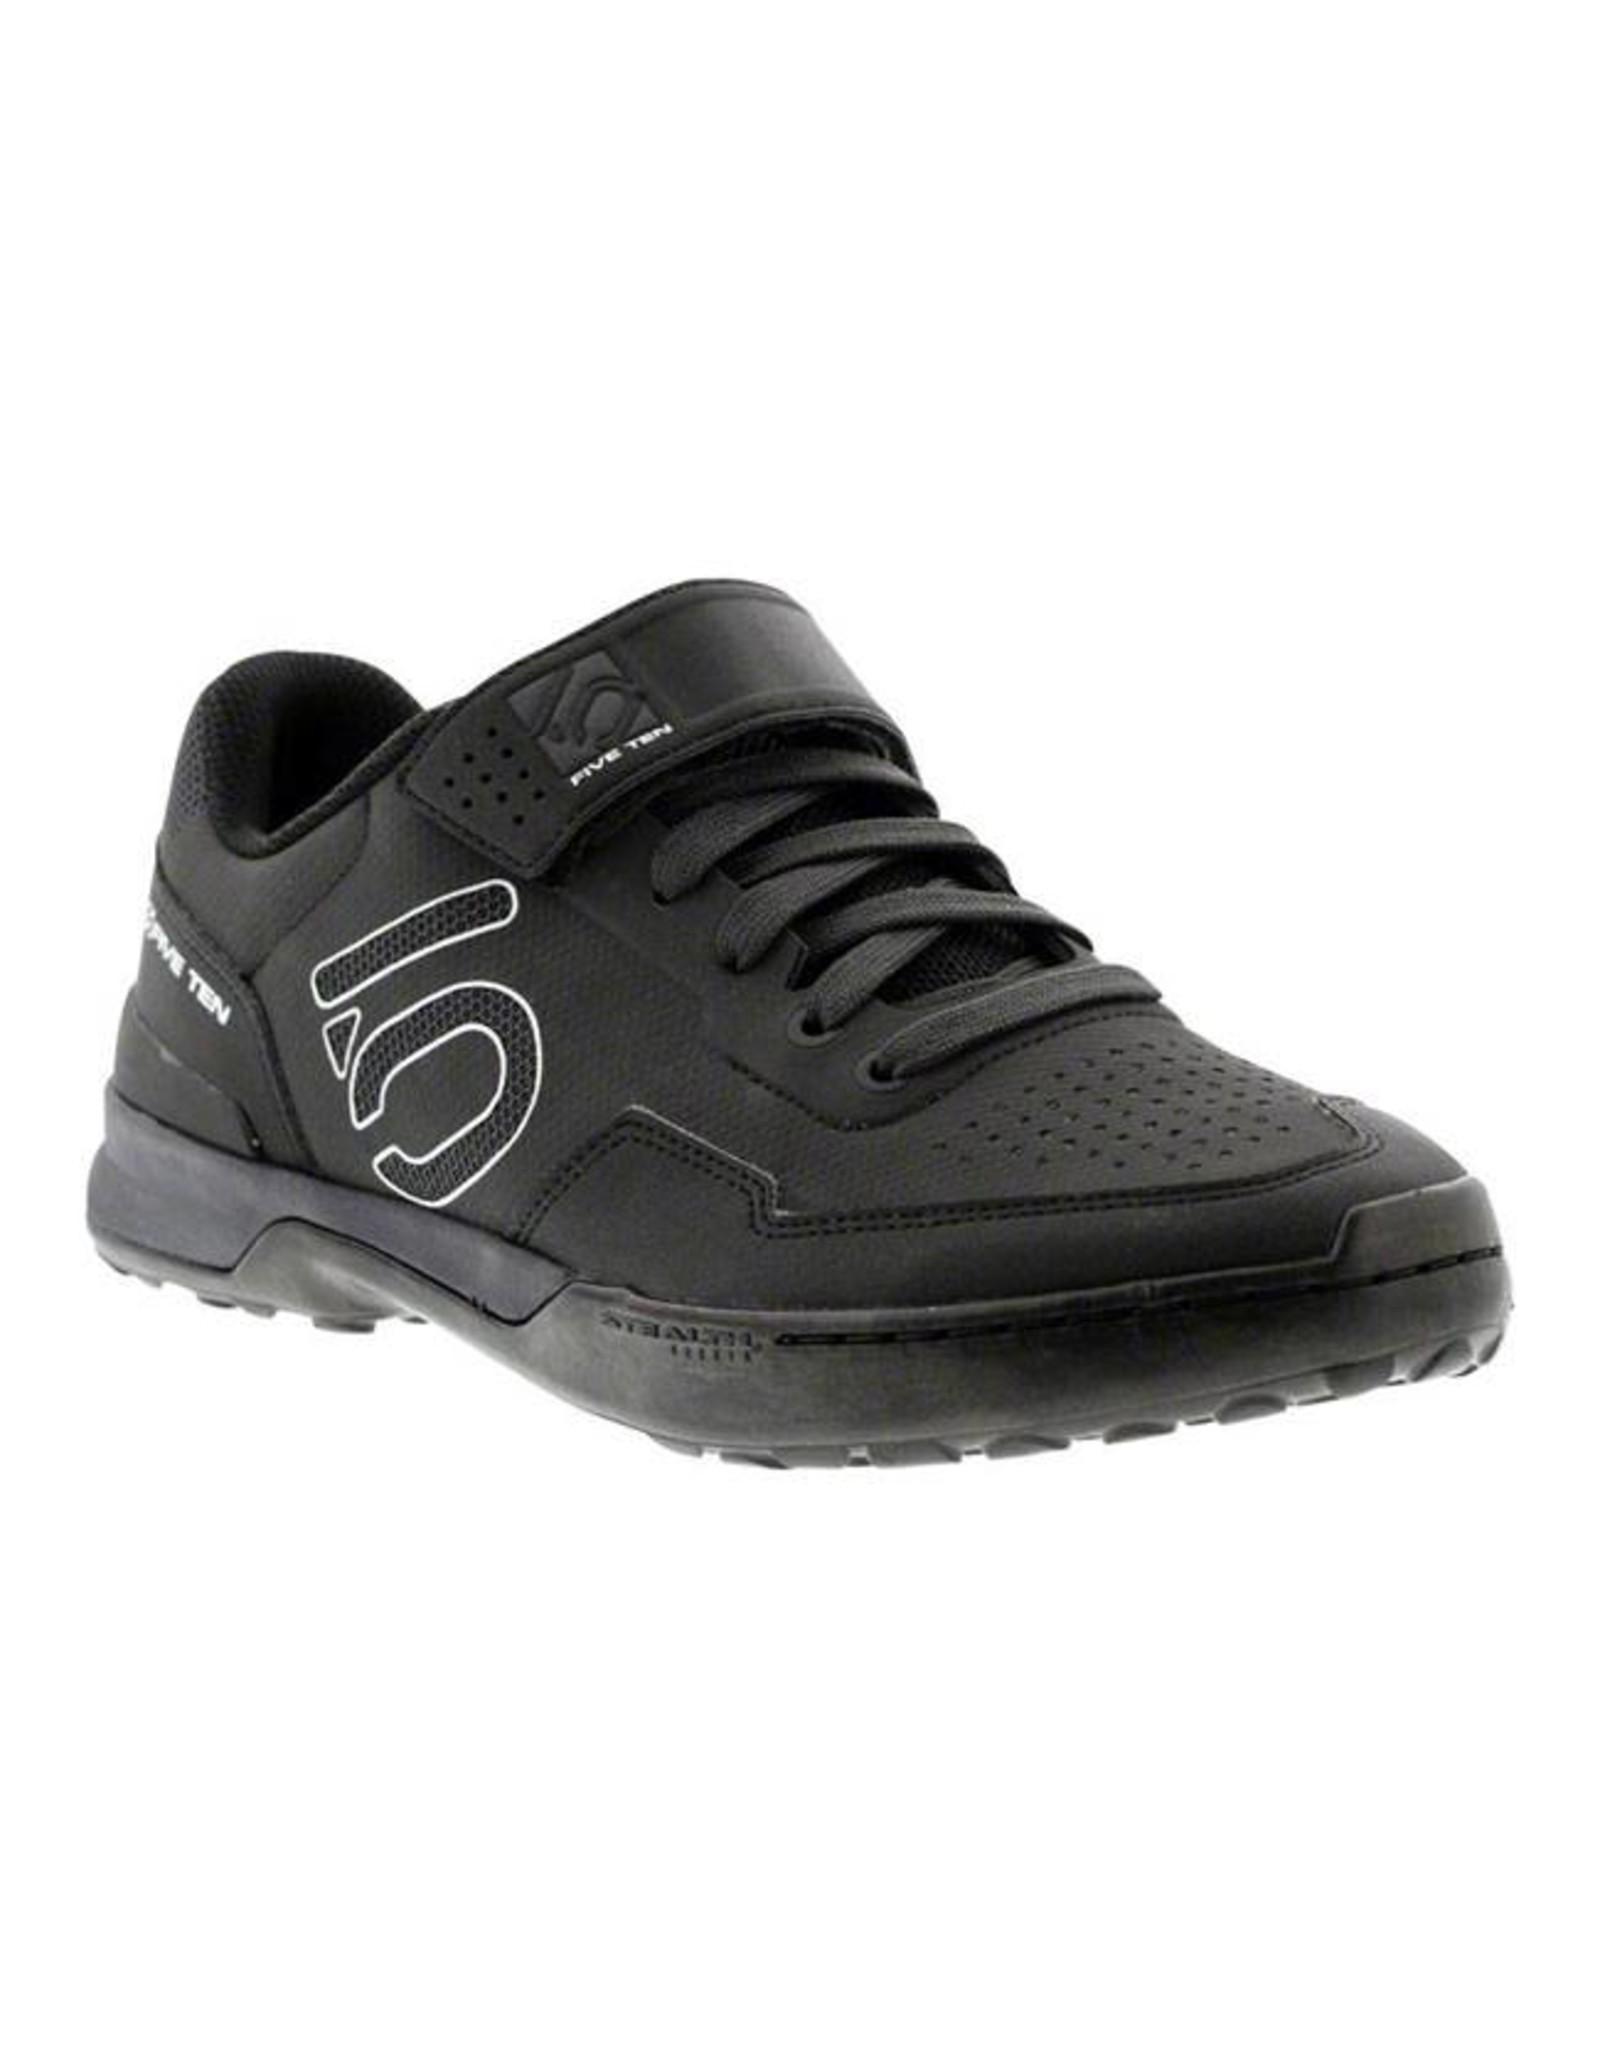 Five Ten Five Ten Kestrel Lace Men's Clipless Shoe: Black Carbon 8